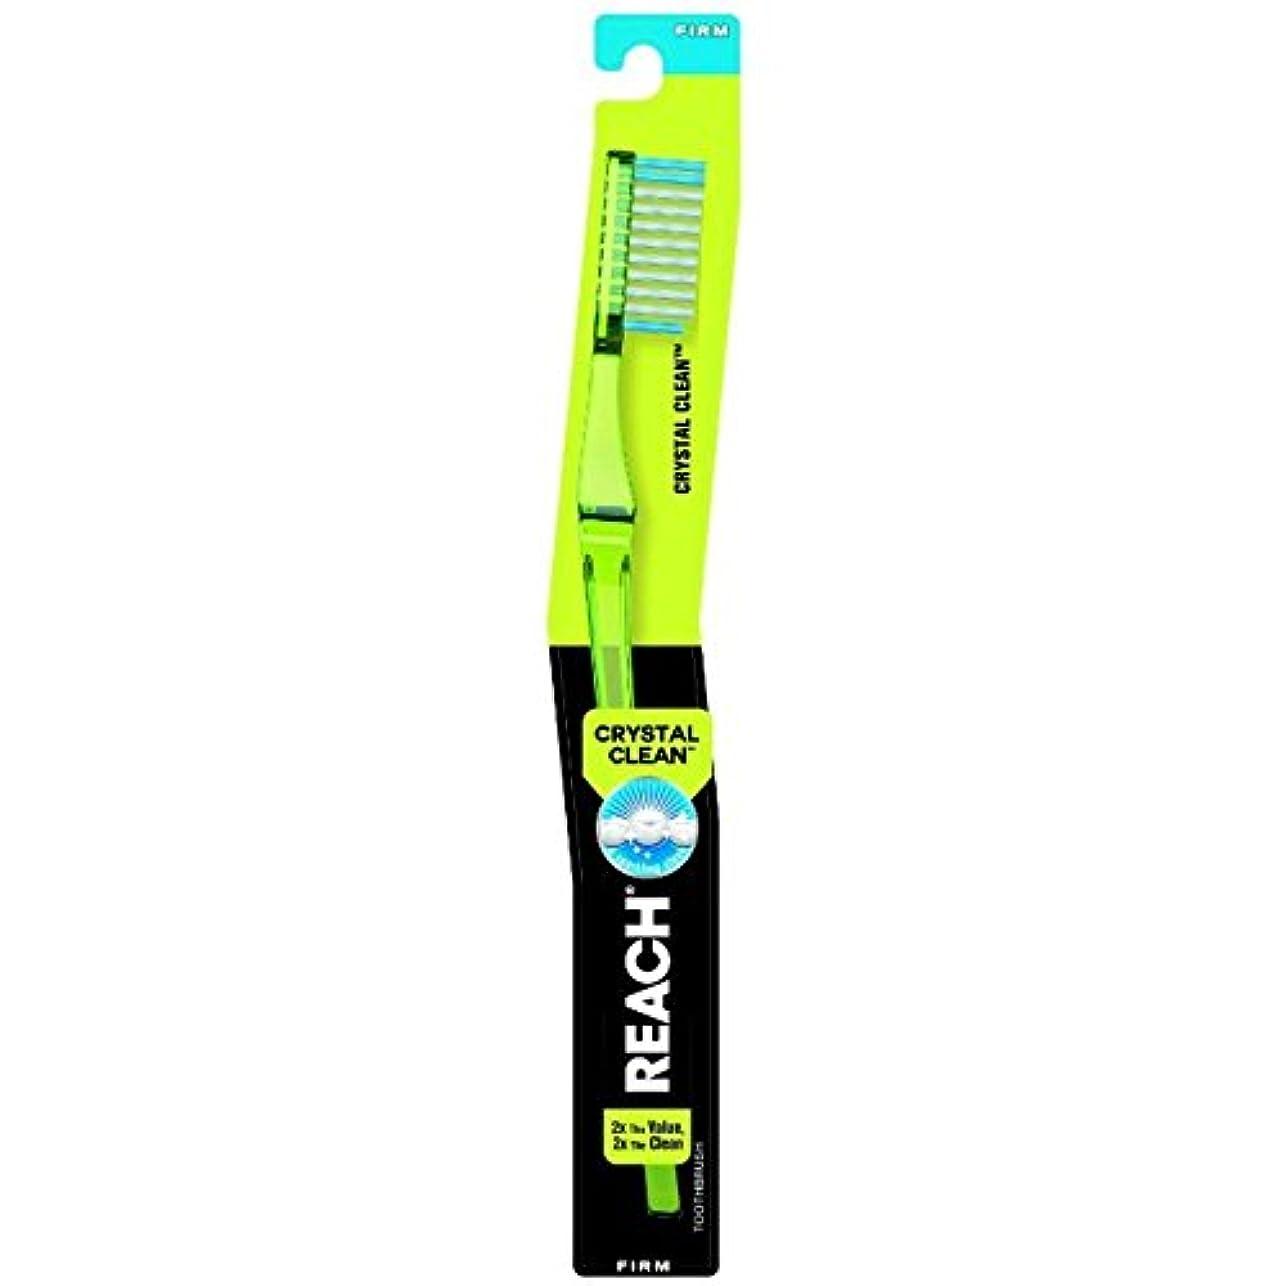 許容ミル強調するReach クリスタルクリーン事務所抗菌キャップ、1 EAで大人歯ブラシ - ブルー(4パック) 4パック